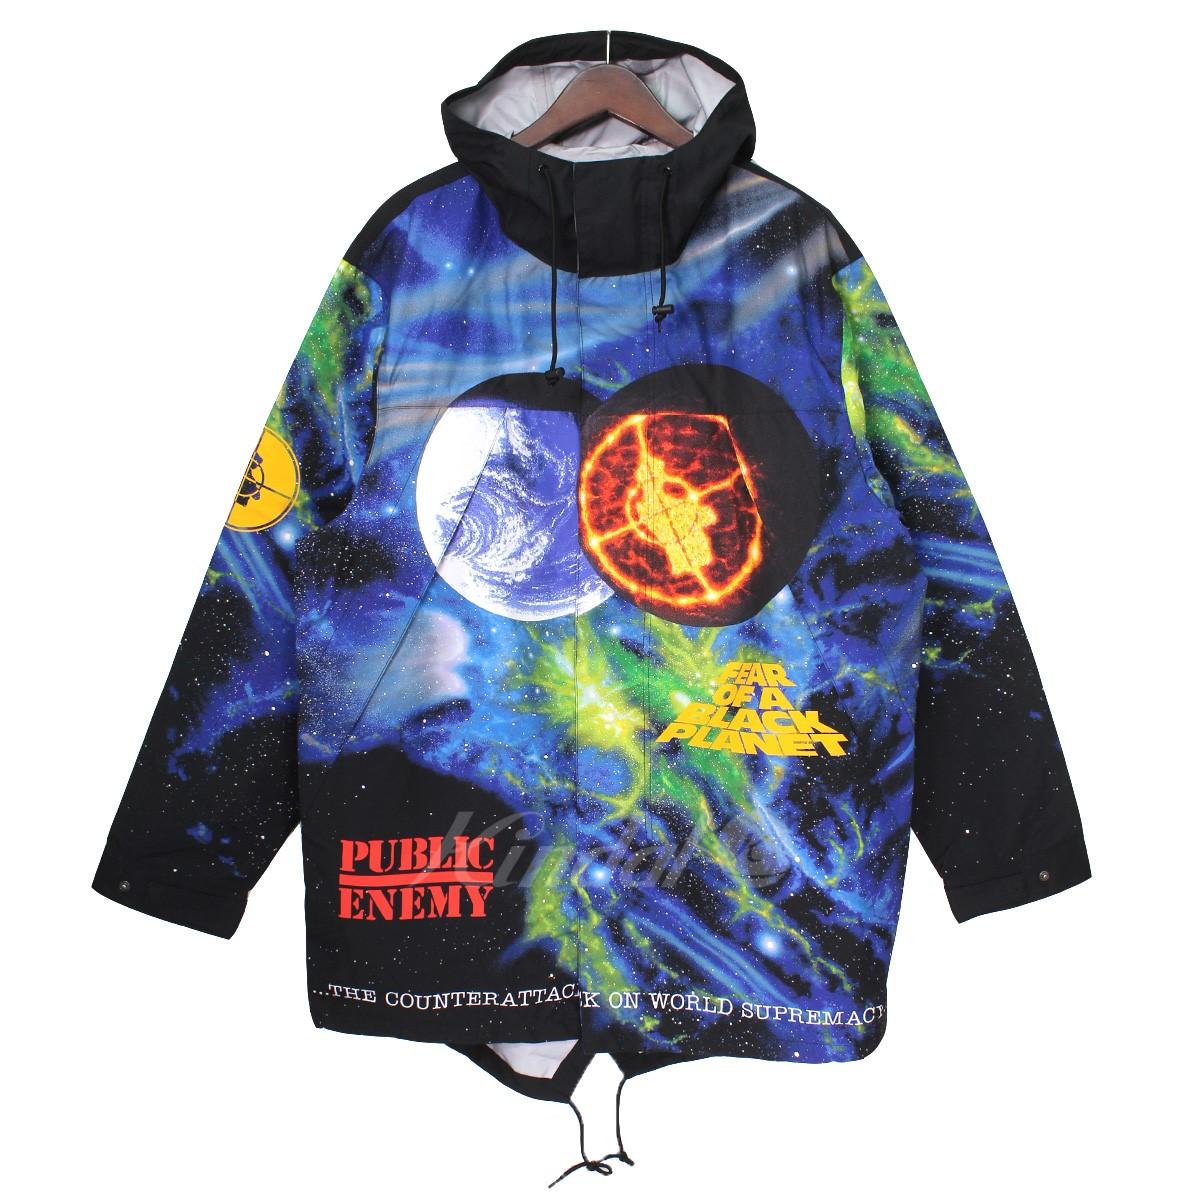 【中古】Supreme × UNDER COVER 18SS Public Enemy Taped Seam Parka スペース総柄ジャケット マルチ サイズ:L 【送料無料】 【030319】(シュプリーム アンダーカバー)